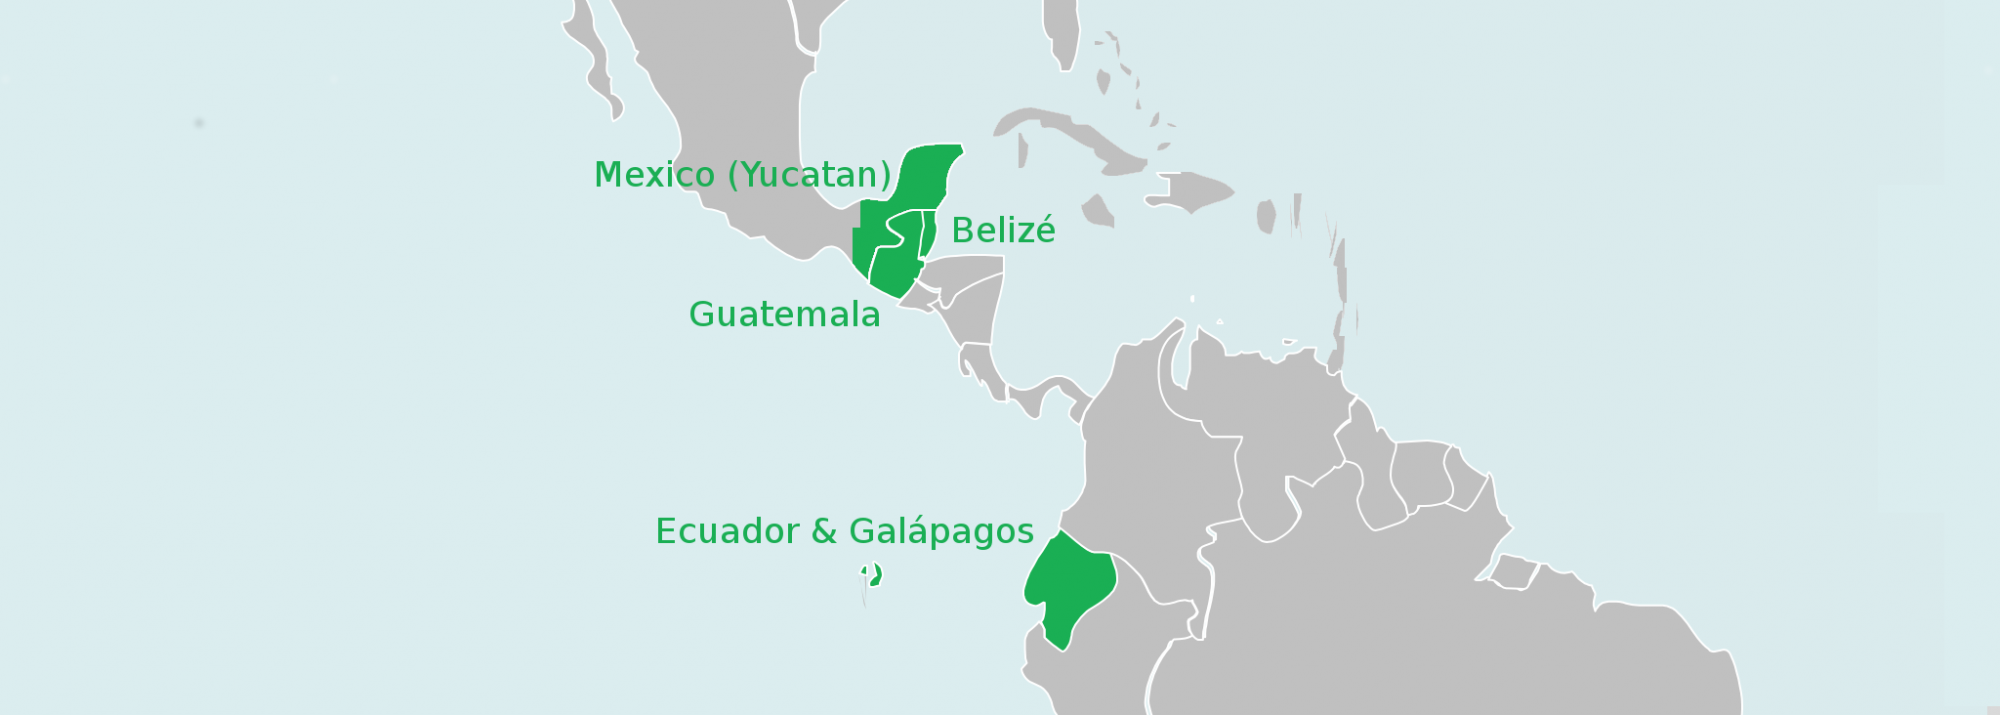 Unsere Route in Süd- und Mittelamerika